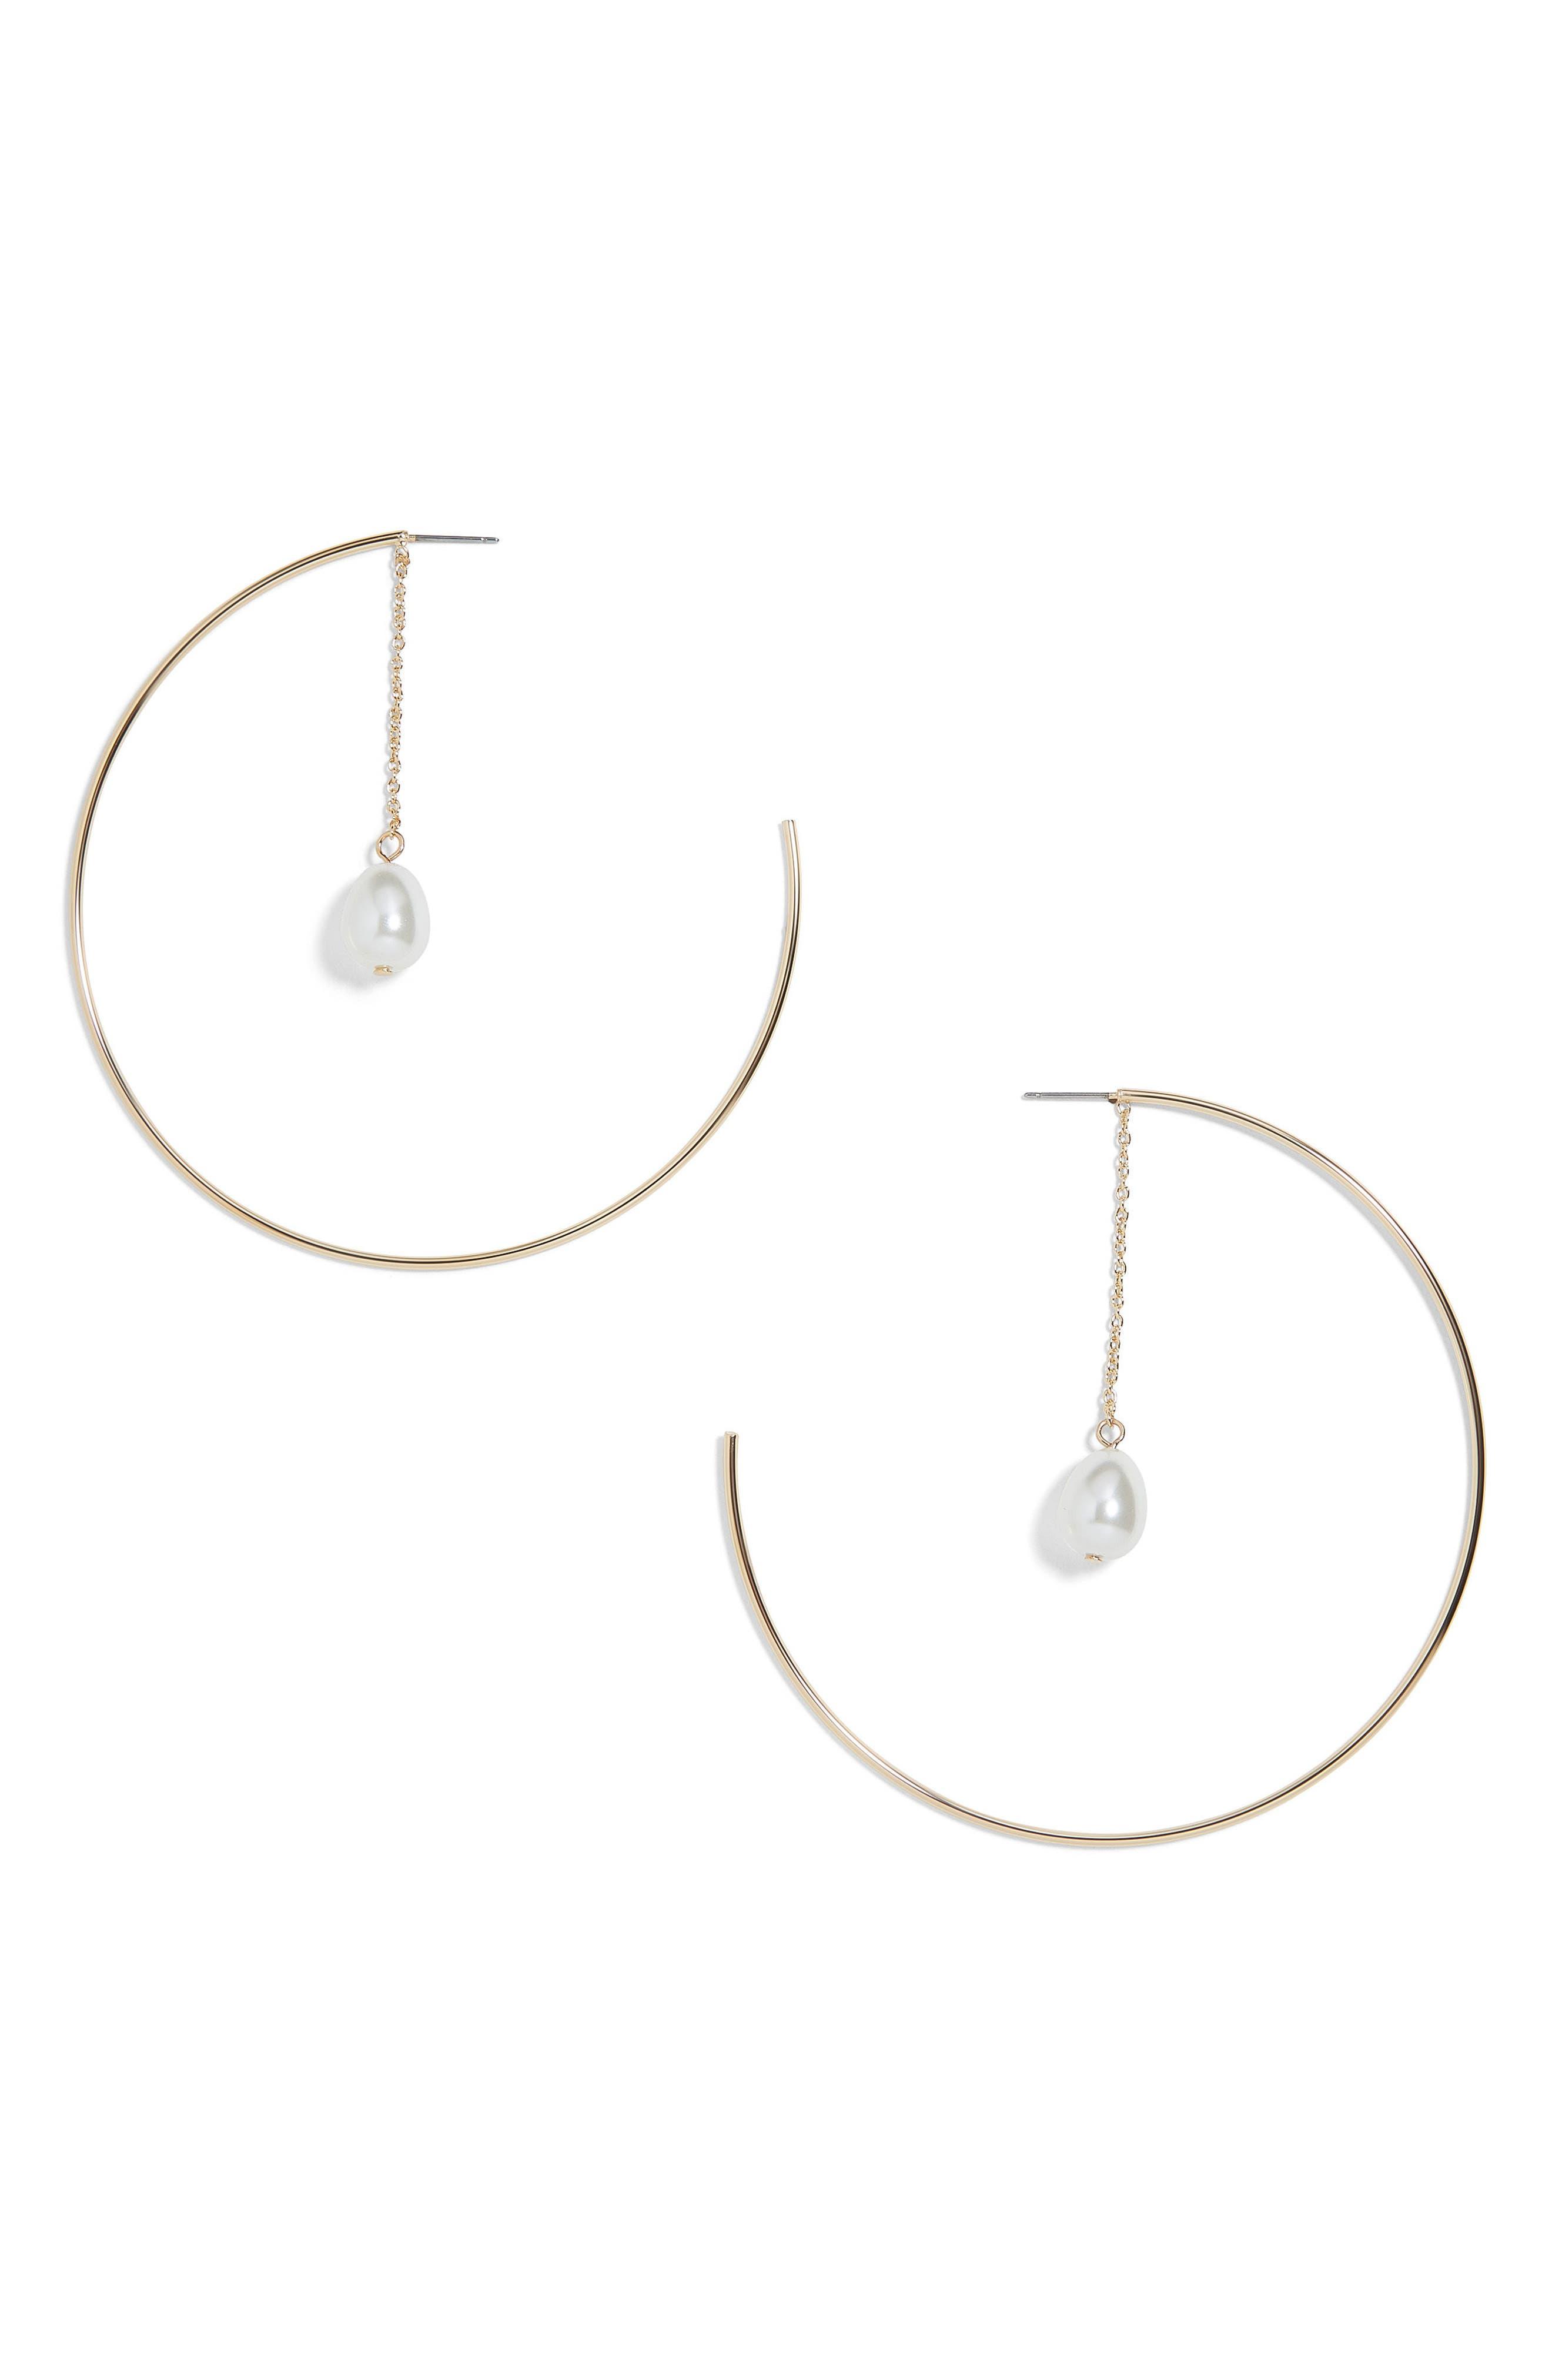 Ashanti Imitation Pearl Hoop Earrings,                             Main thumbnail 1, color,                             Gold